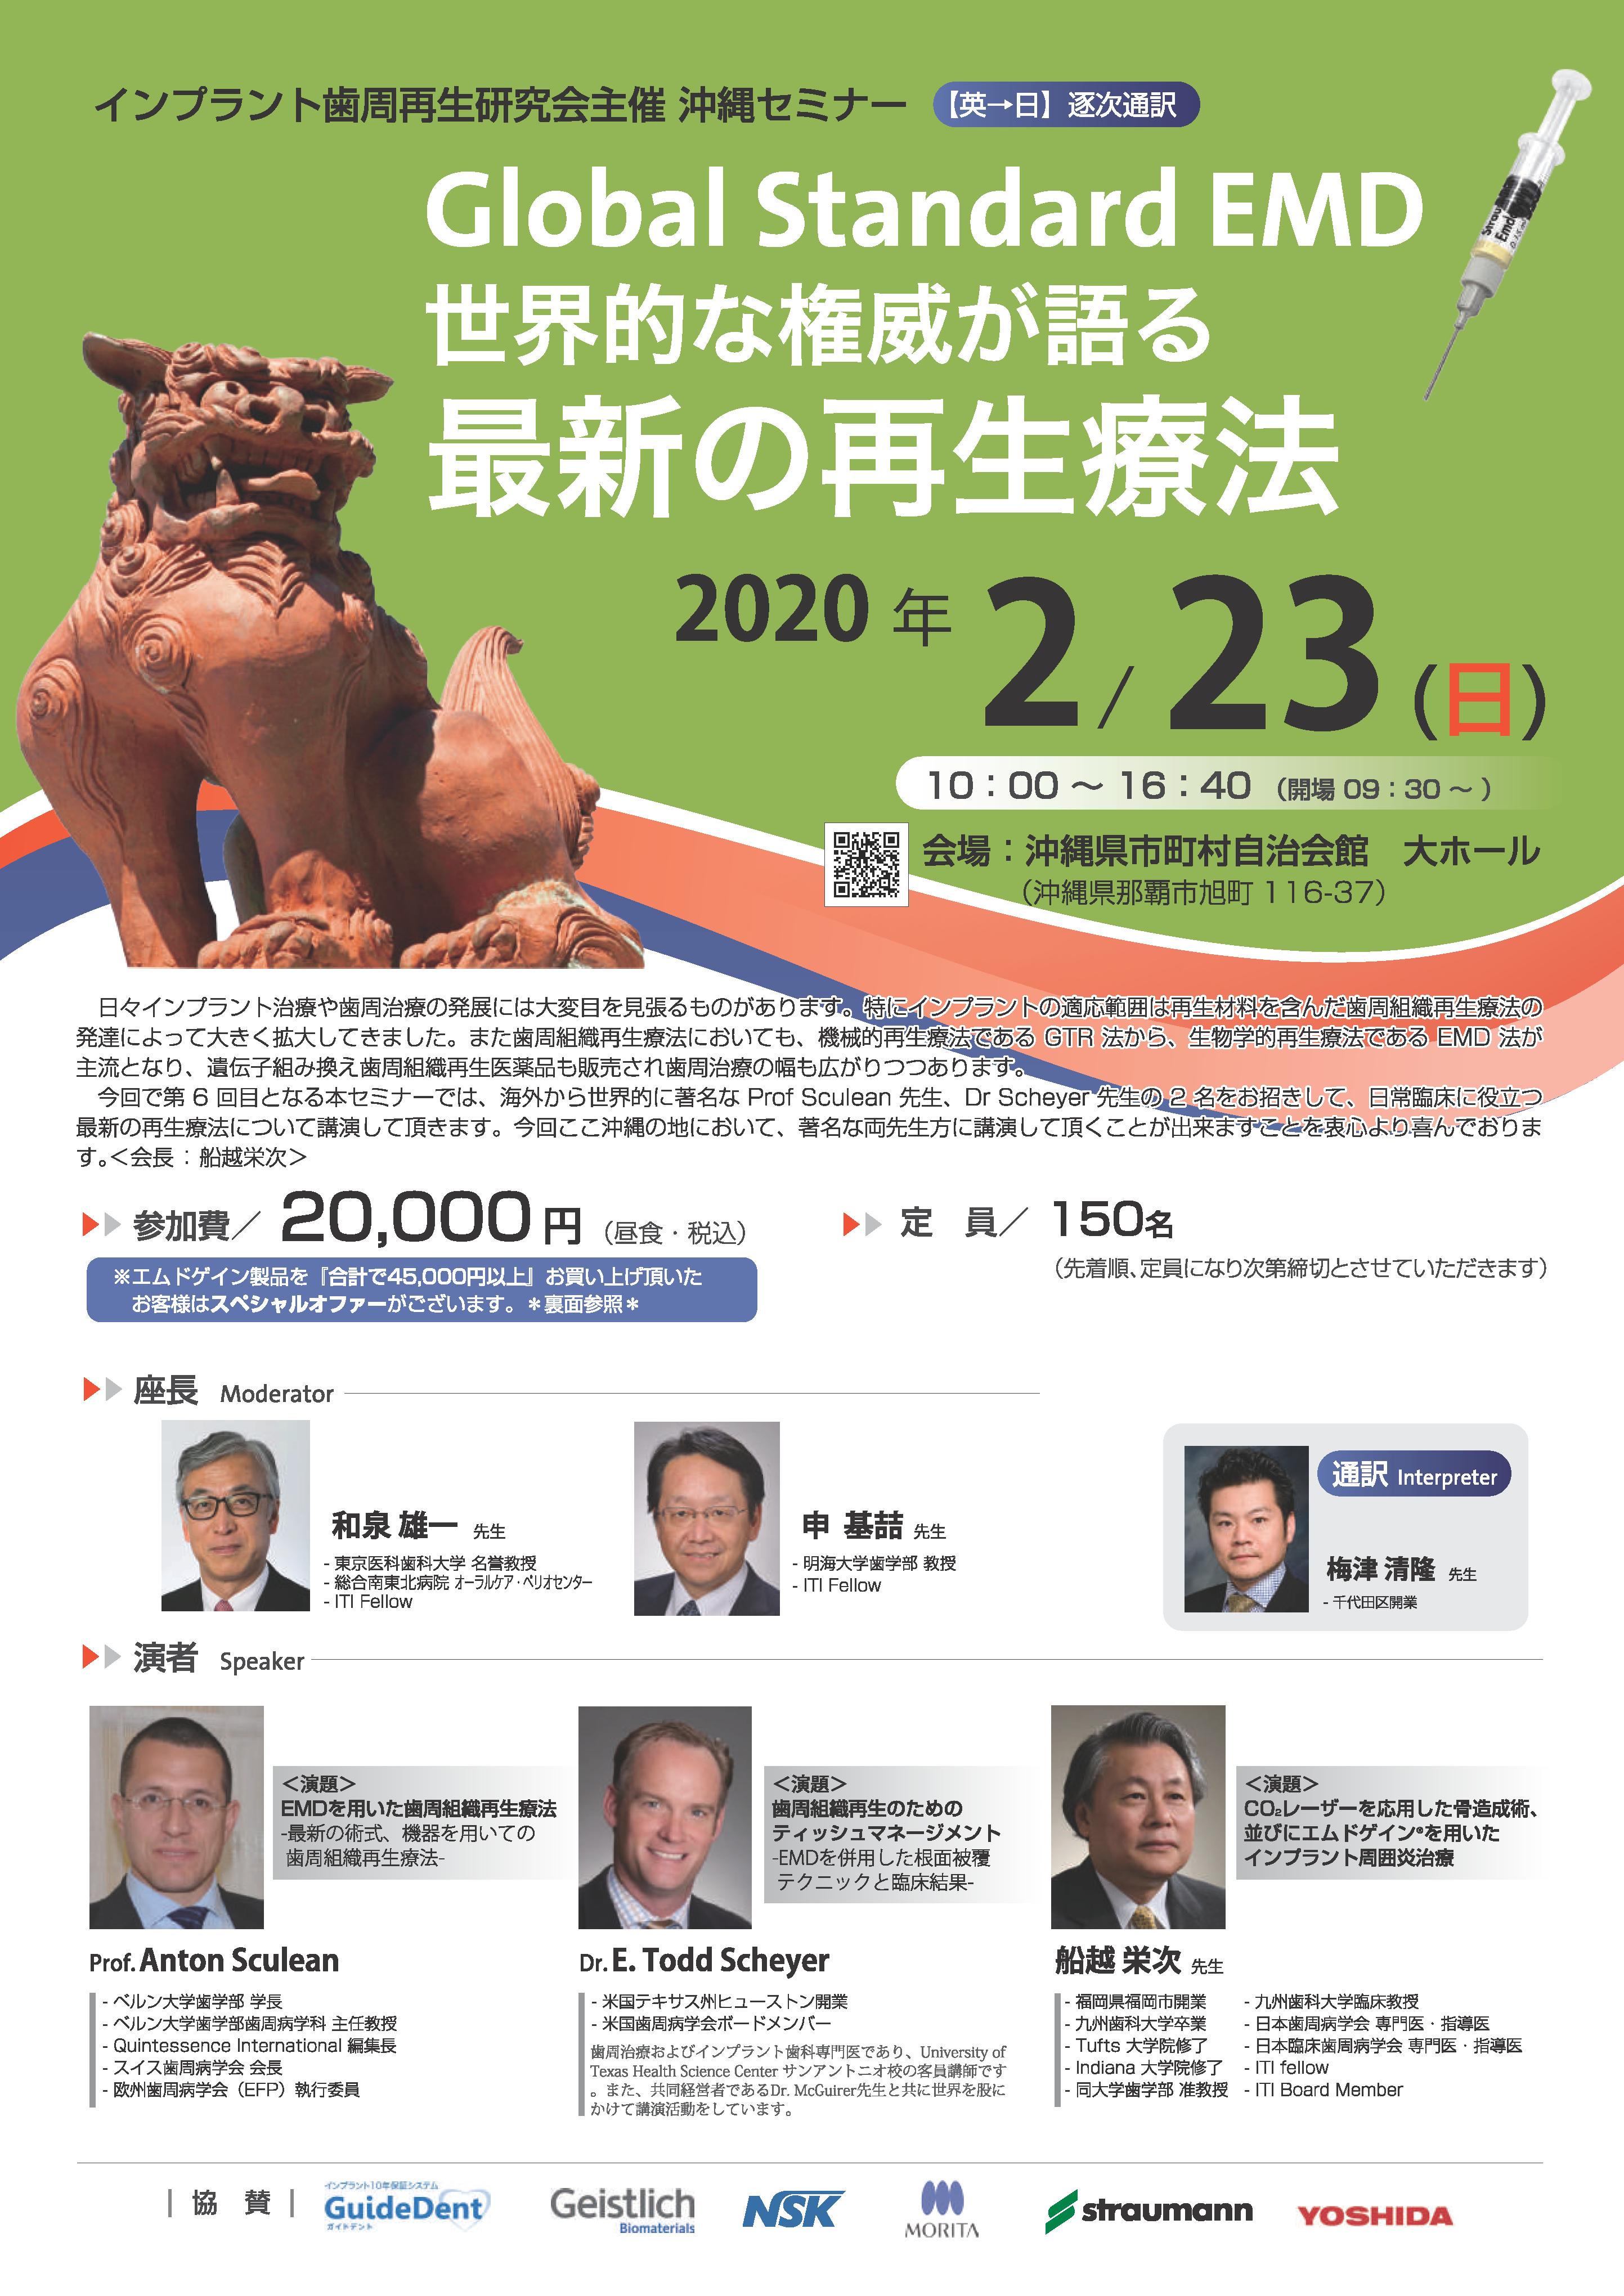 Global Standard EMD 世界的な権威が語る最新の再生療法